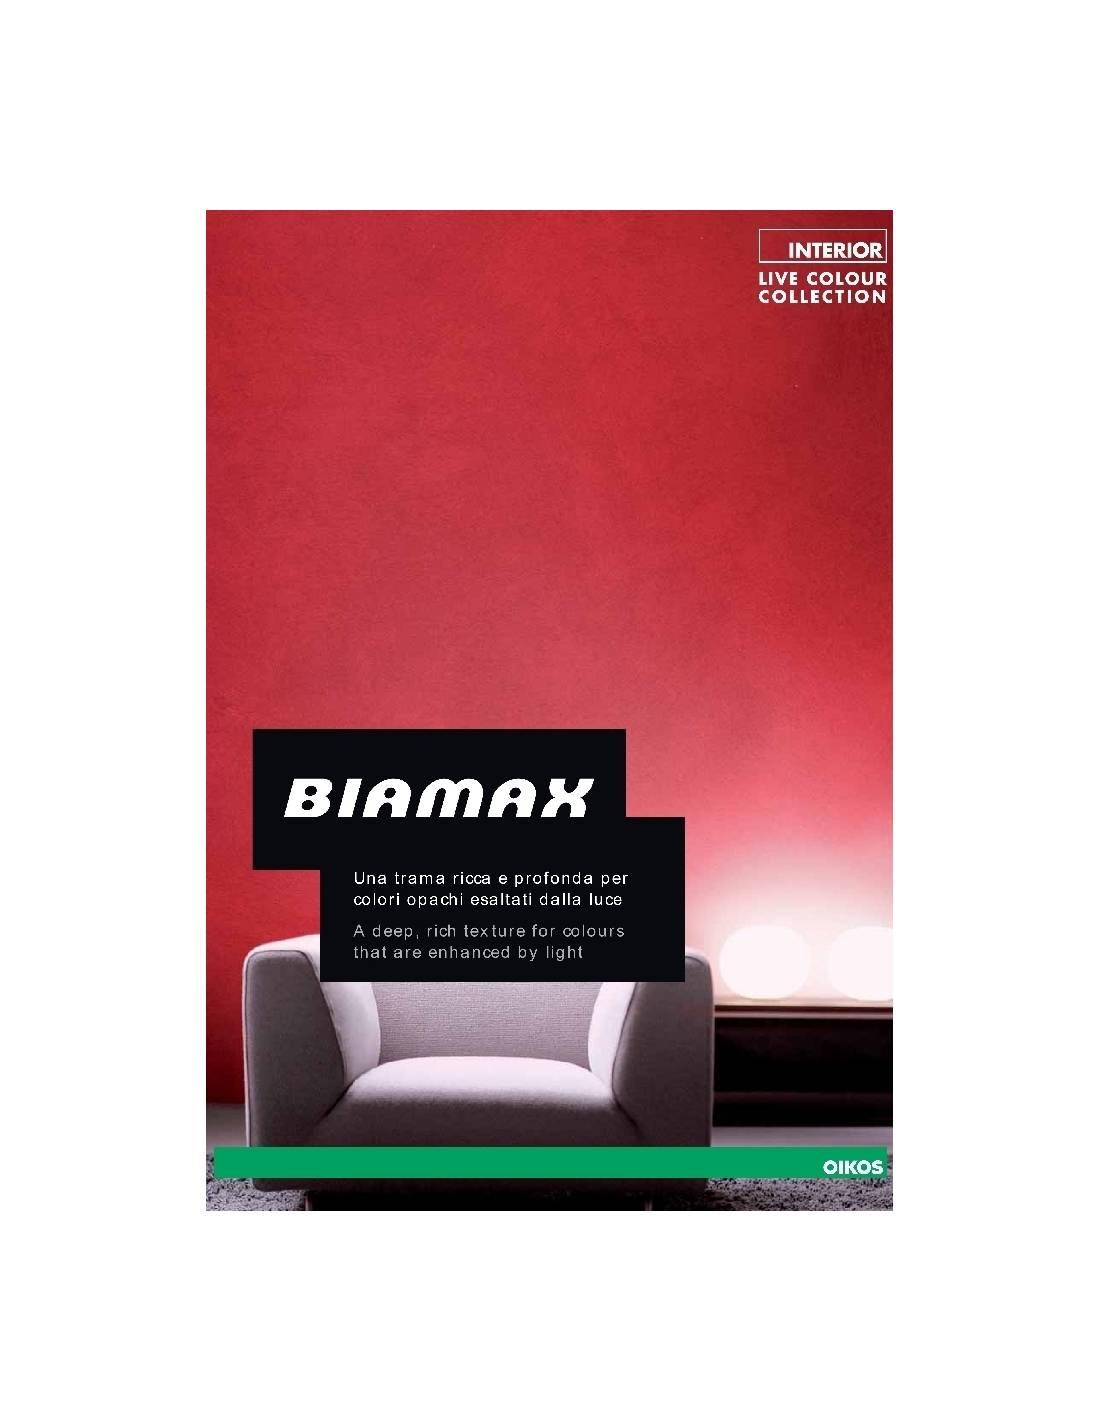 Cartella colori oikos biamax for Oikos pitture cartella colori